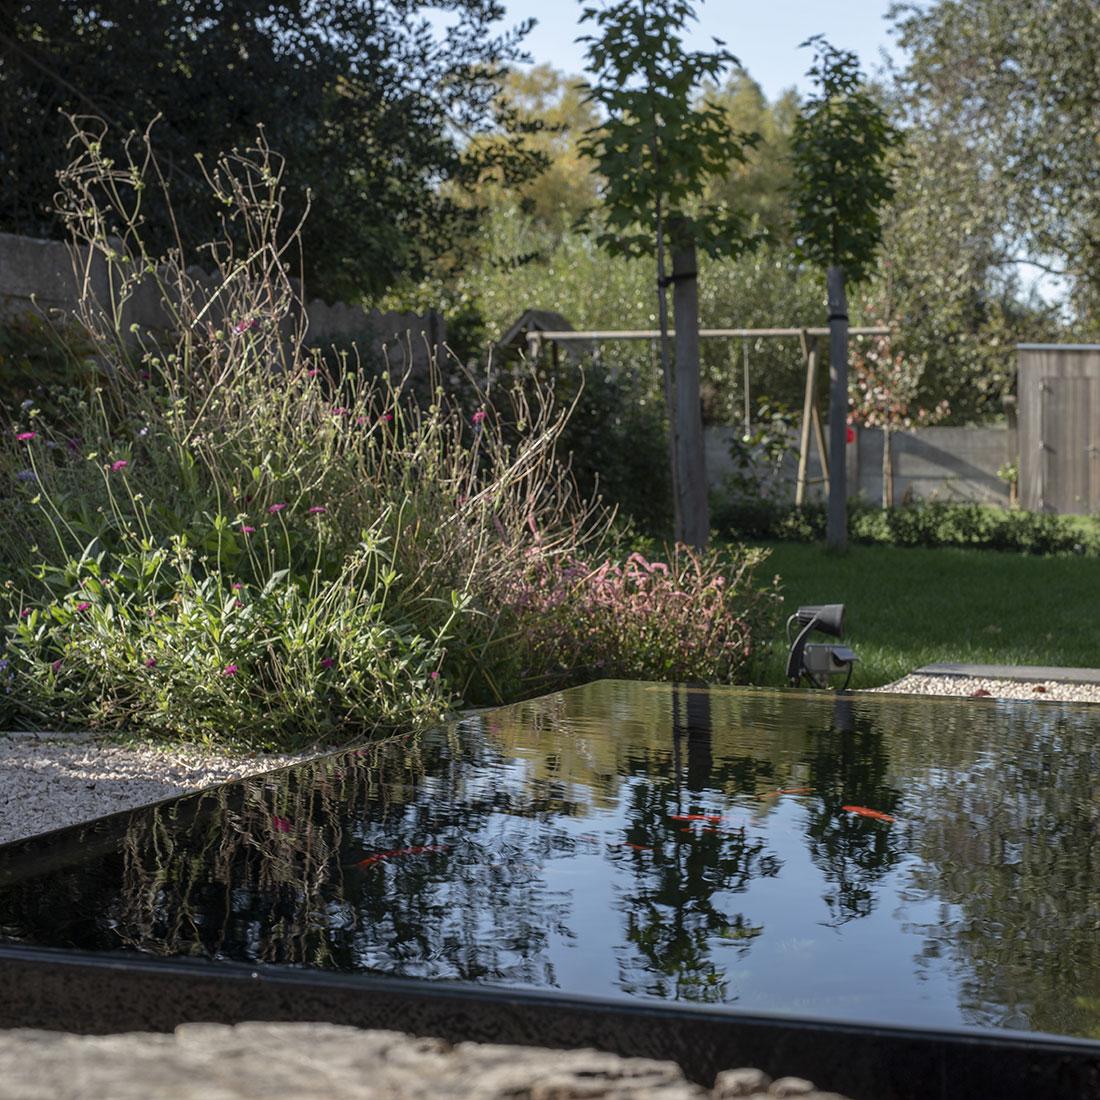 Tuinontwerpen voorbeelden spiegelvijver co for Tuinarchitect gent